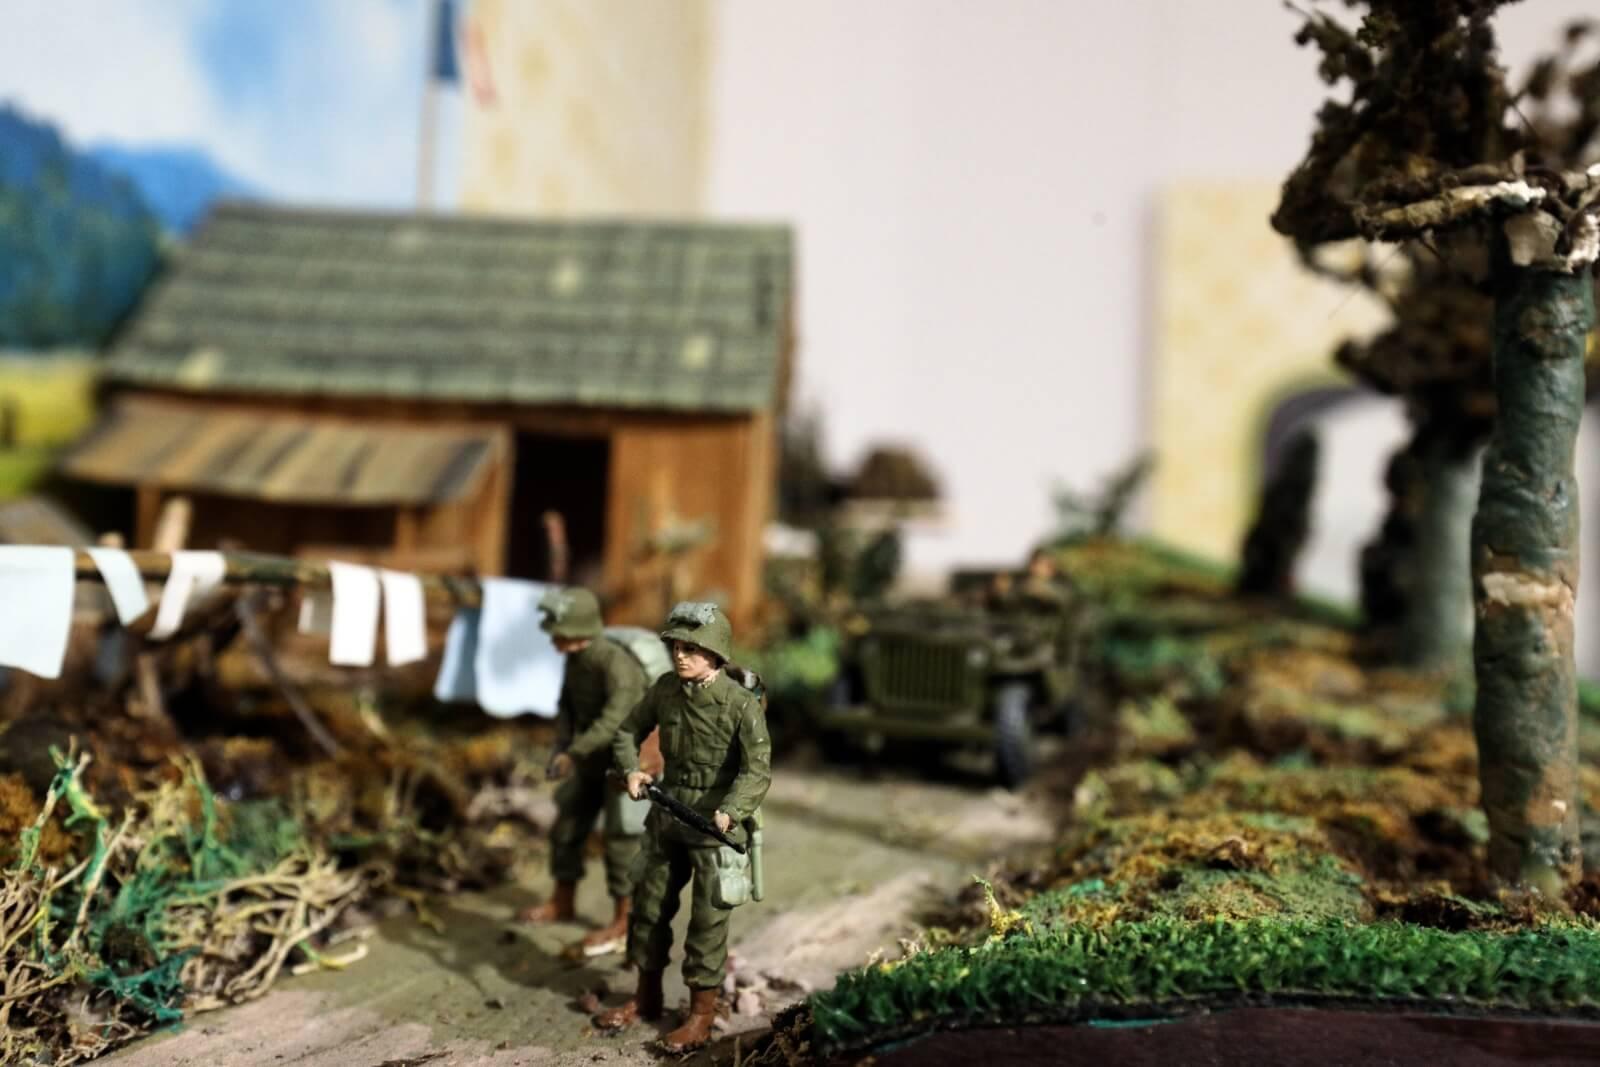 Wystawa zabawek militarnych w Białymstoku fot. PAP